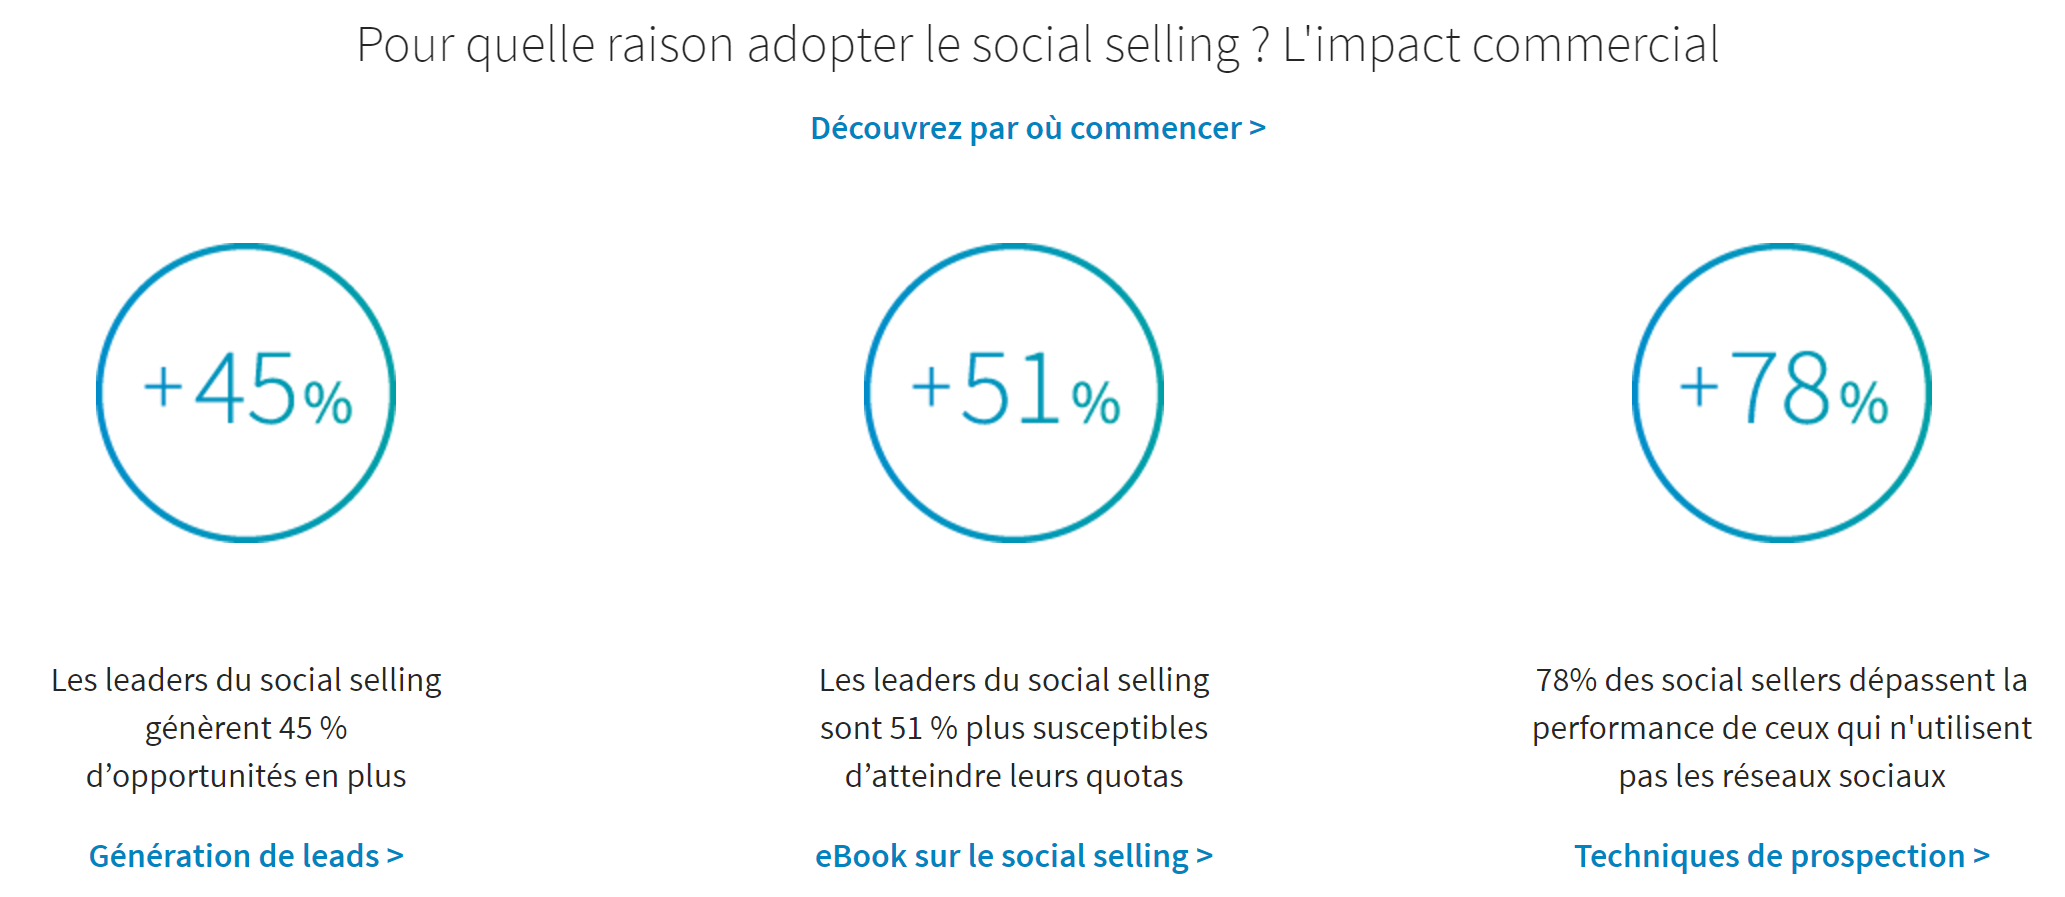 Pourquoi utiliser le social selling ?